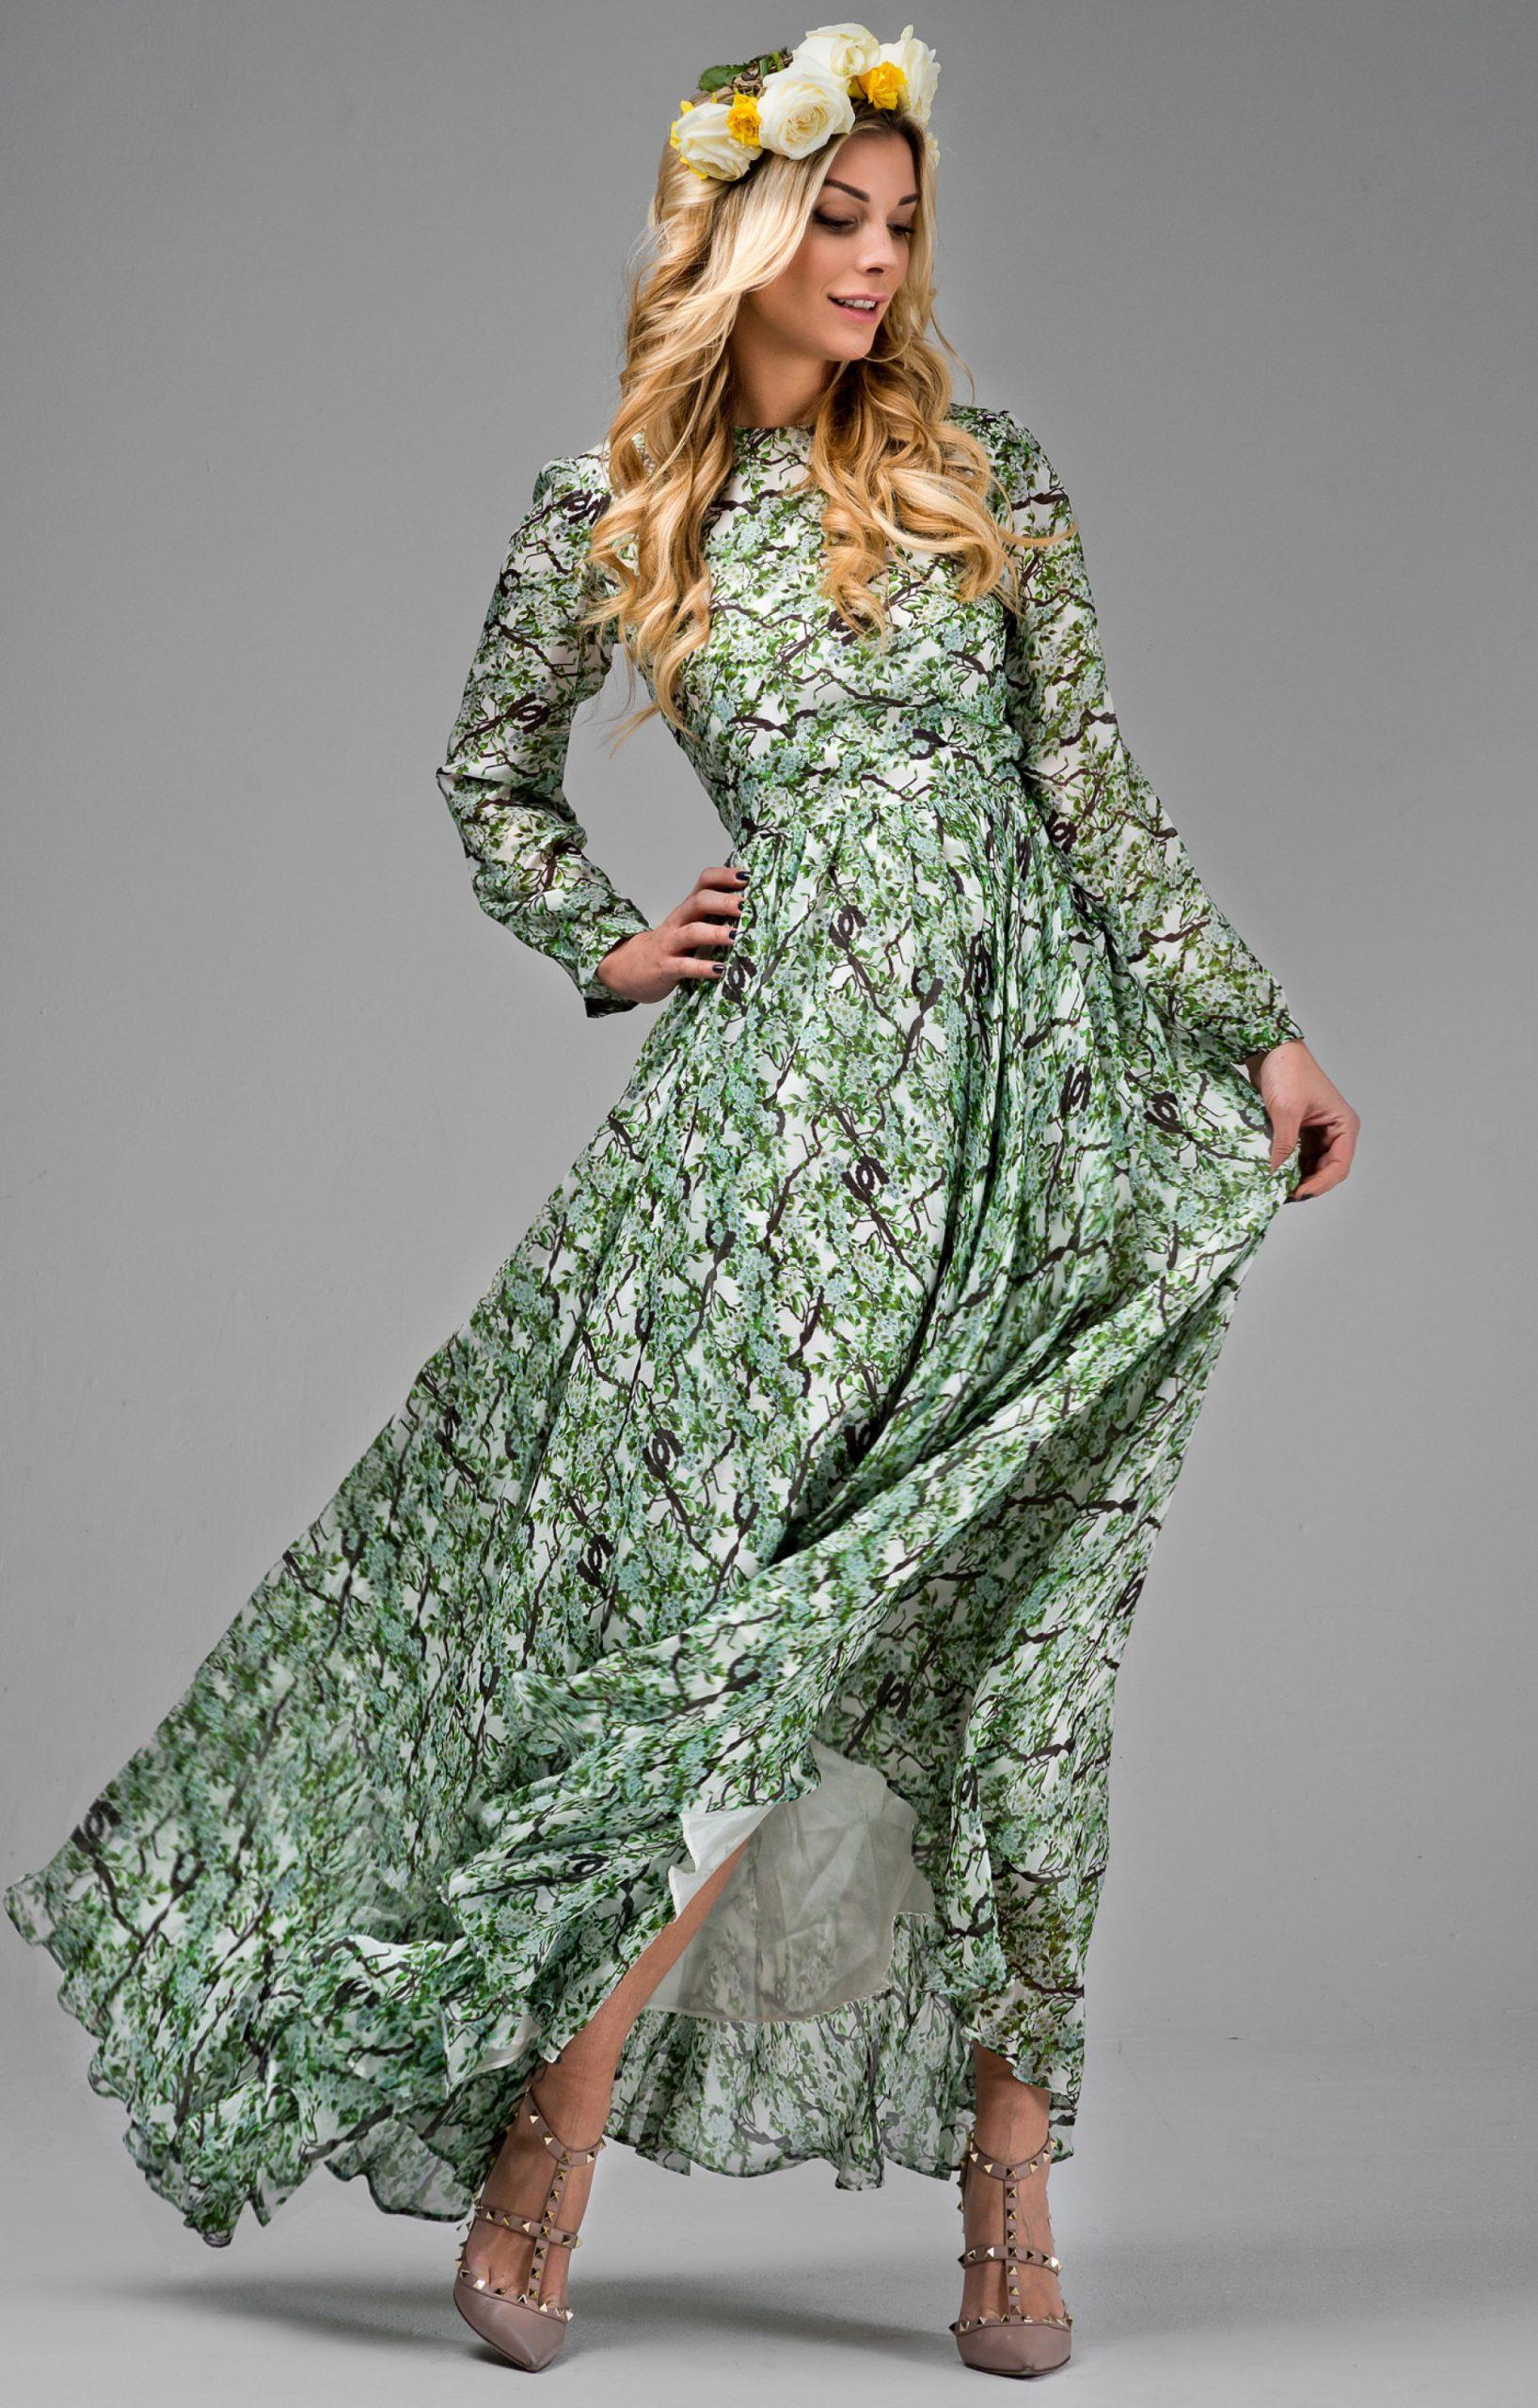 17 Genial Designer Abend Kleid Spezialgebiet17 Fantastisch Designer Abend Kleid Stylish